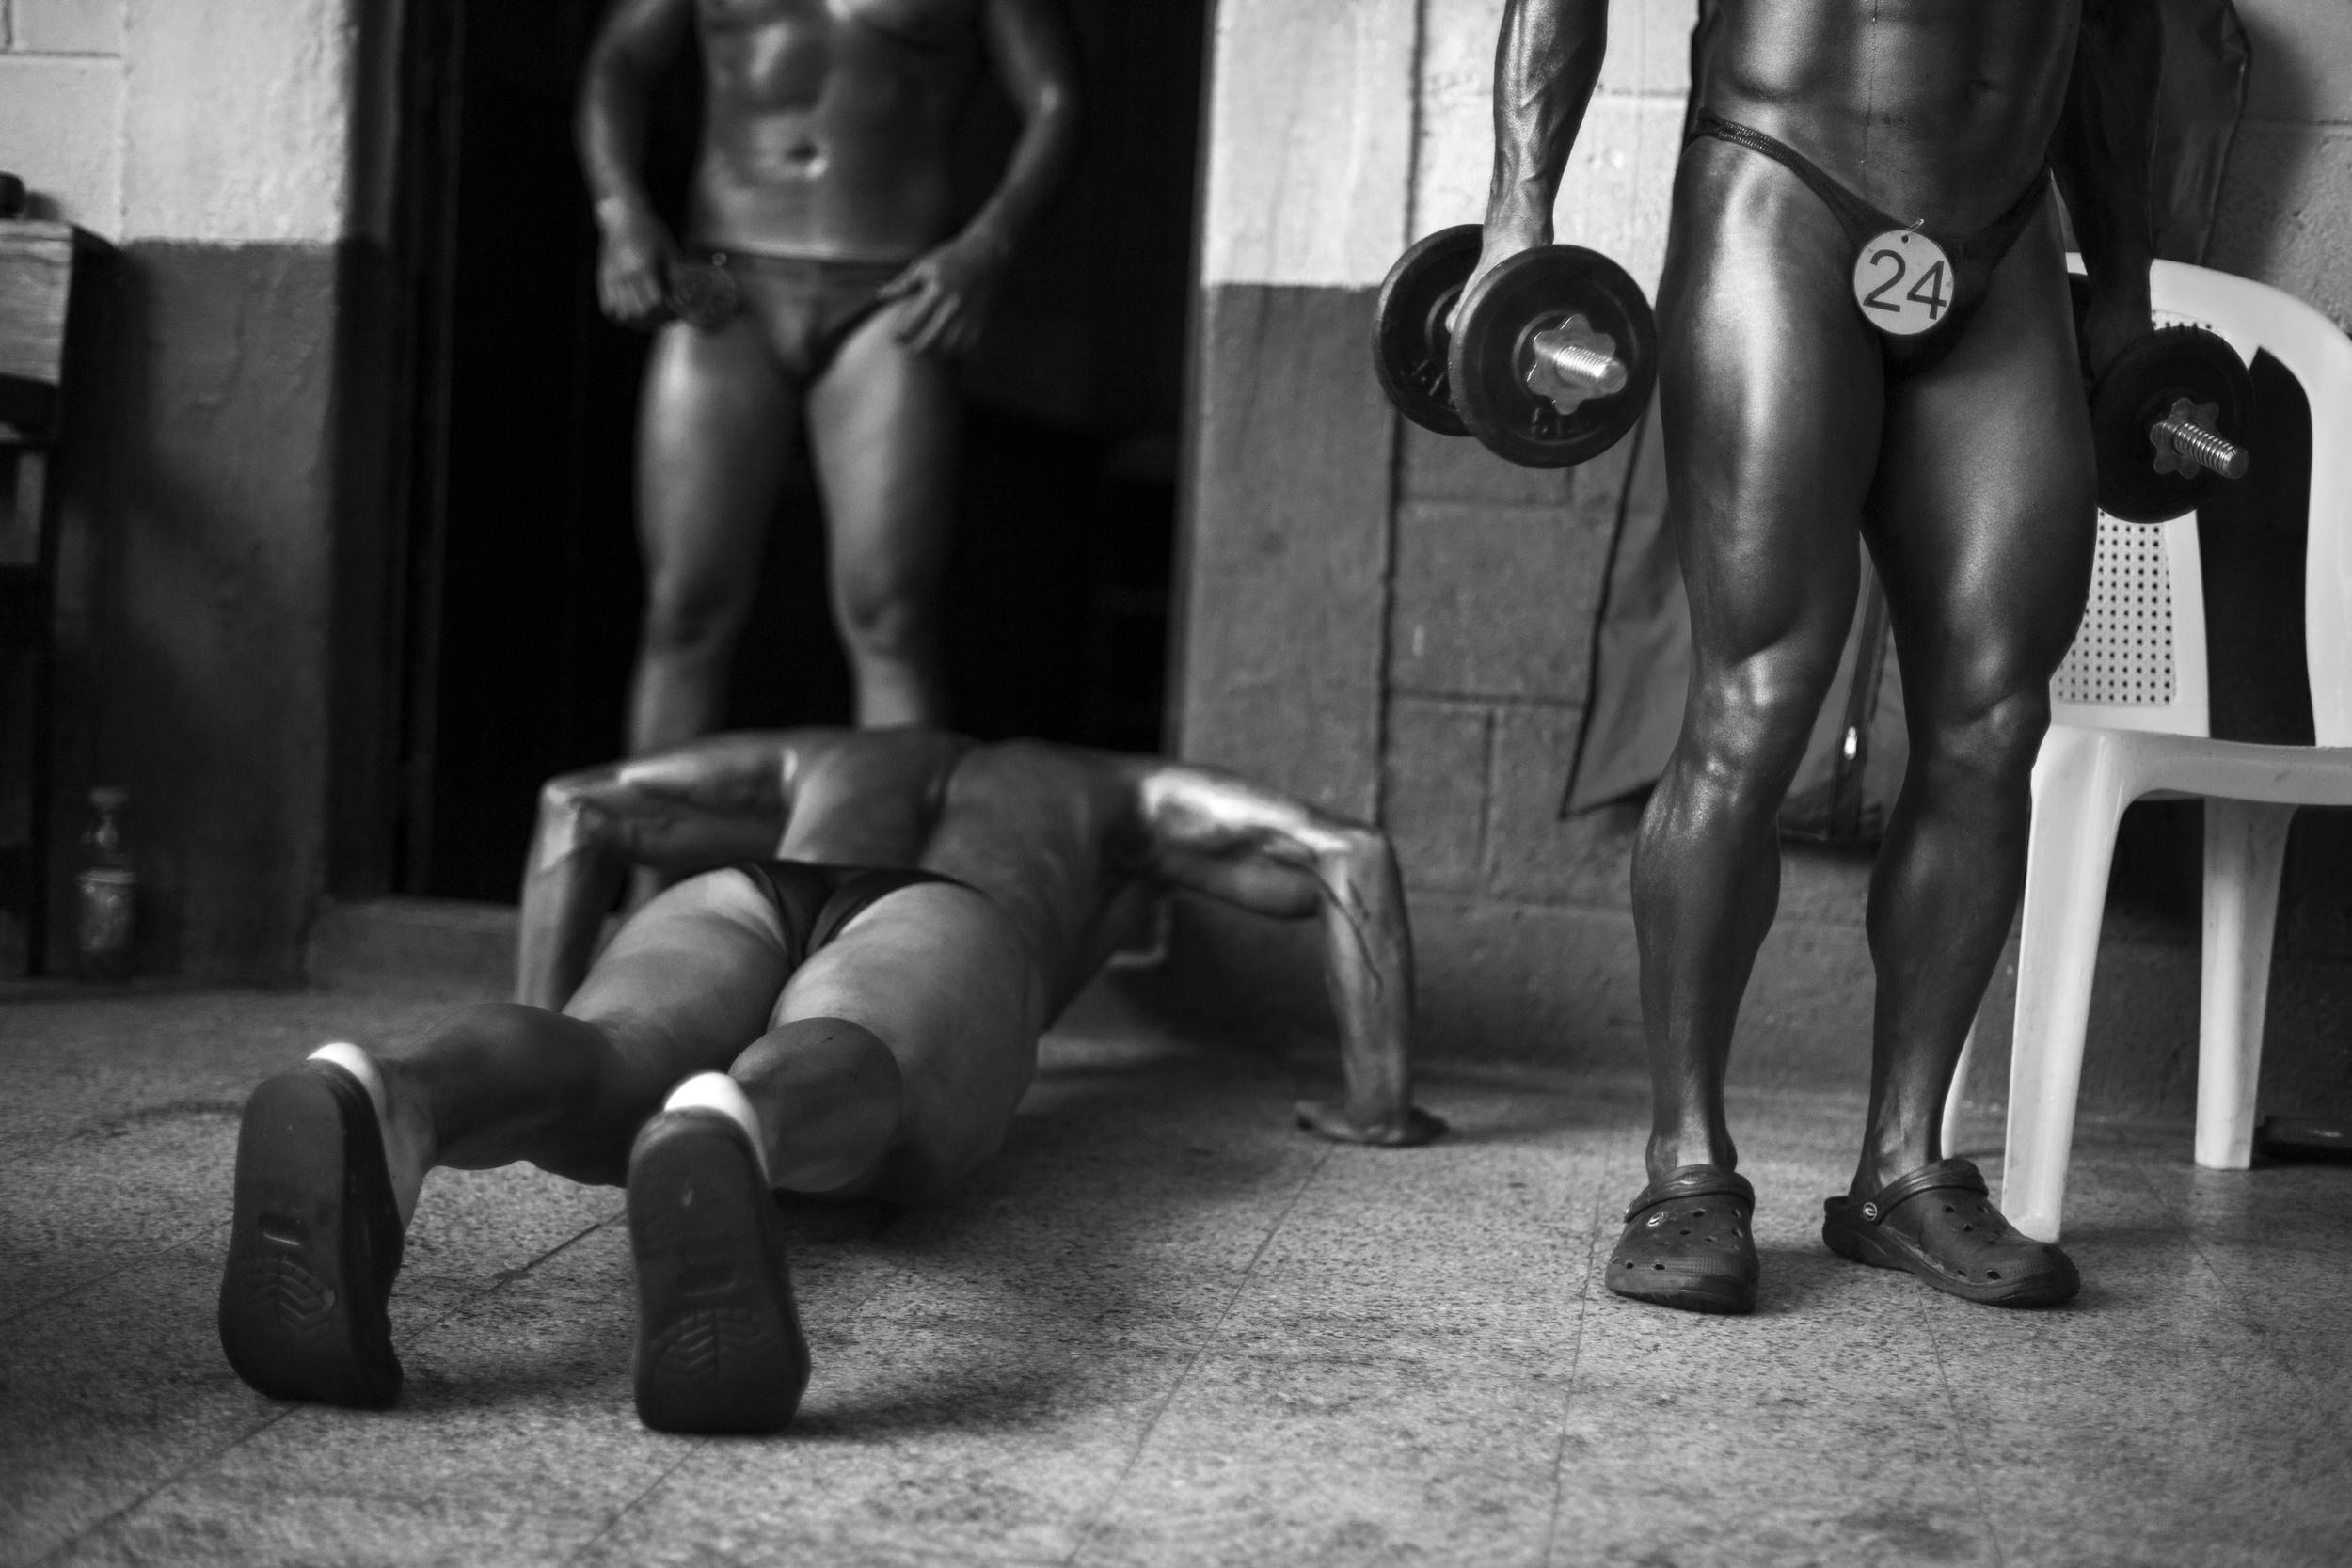 Competitors look for a pre-contest pump before the Gimnasio La Fábrica bodybuilding contest in Antigua, Guatemala.